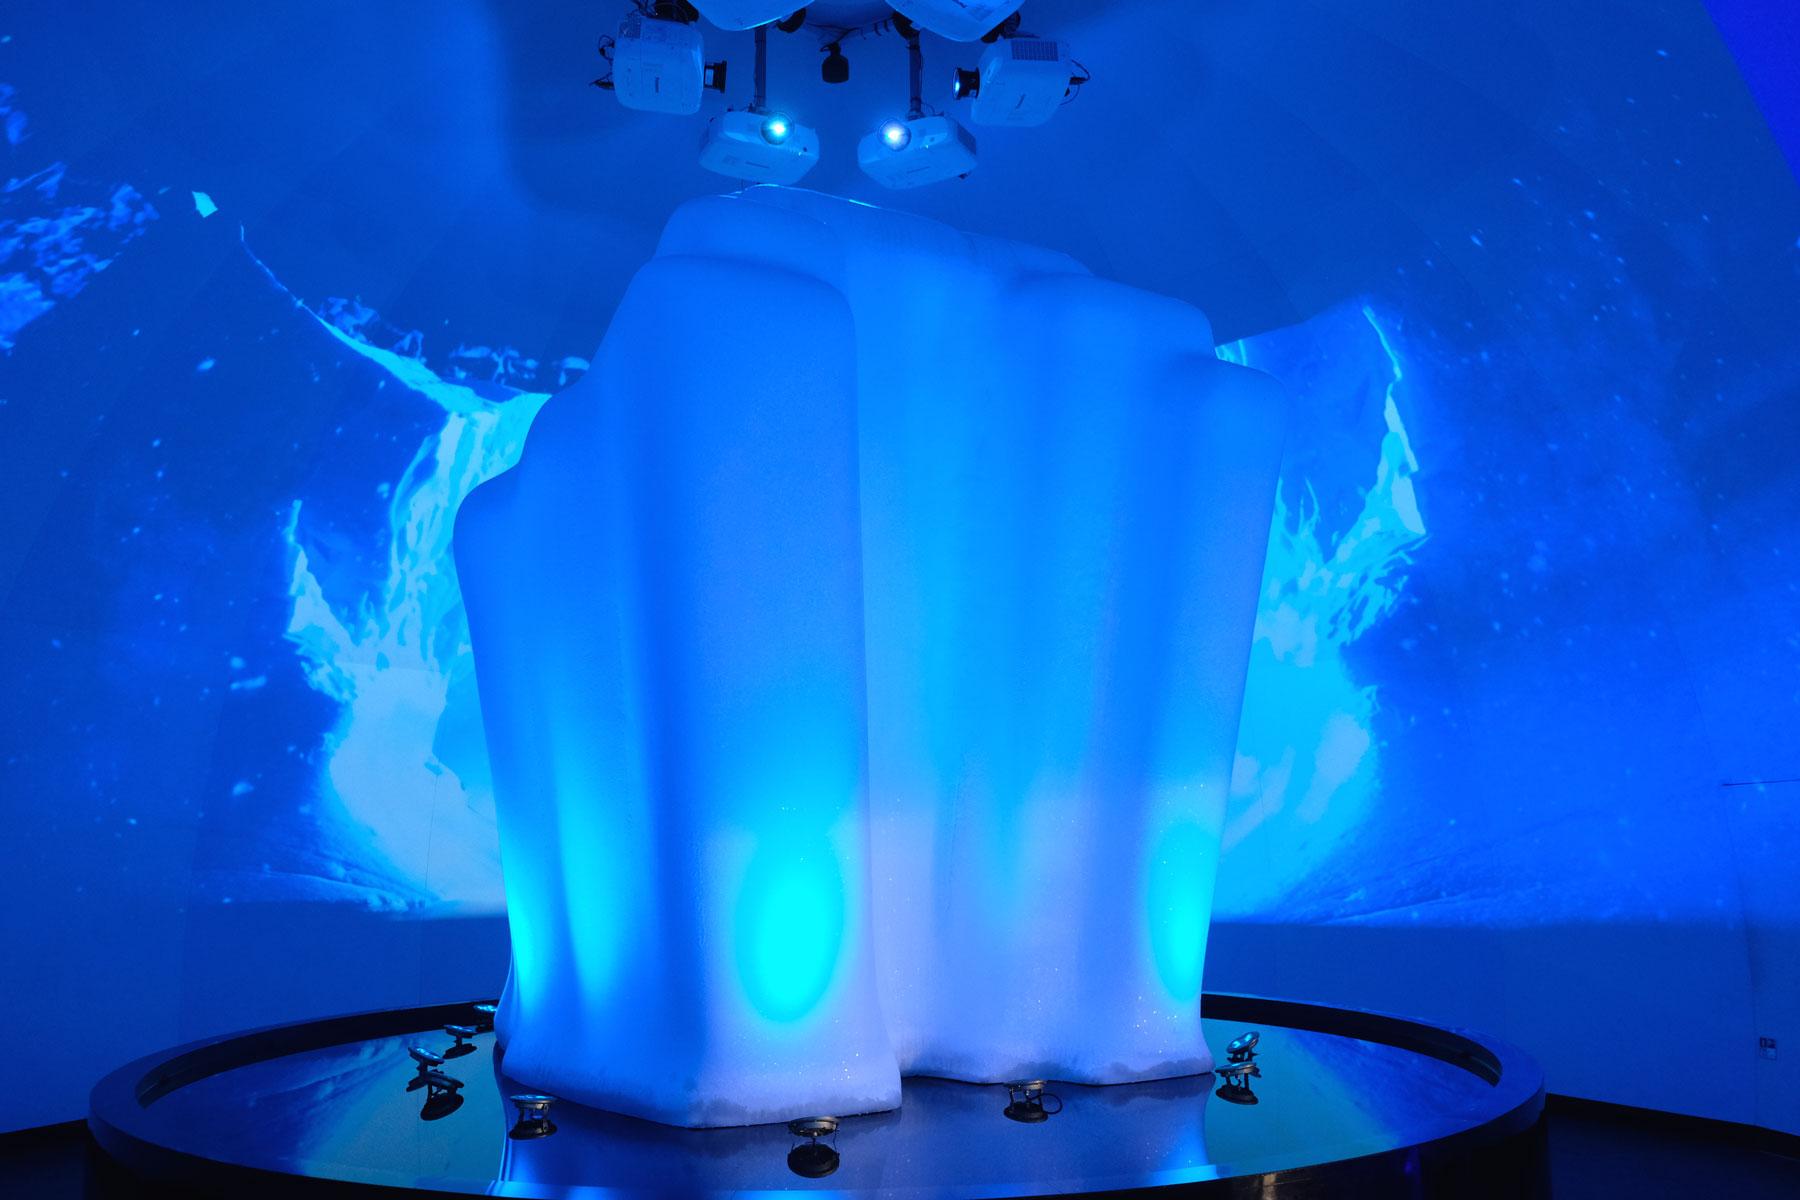 Ein Eisblock aus der Arktis im russischen Pavillon auf der Expo 2017 in Astana.